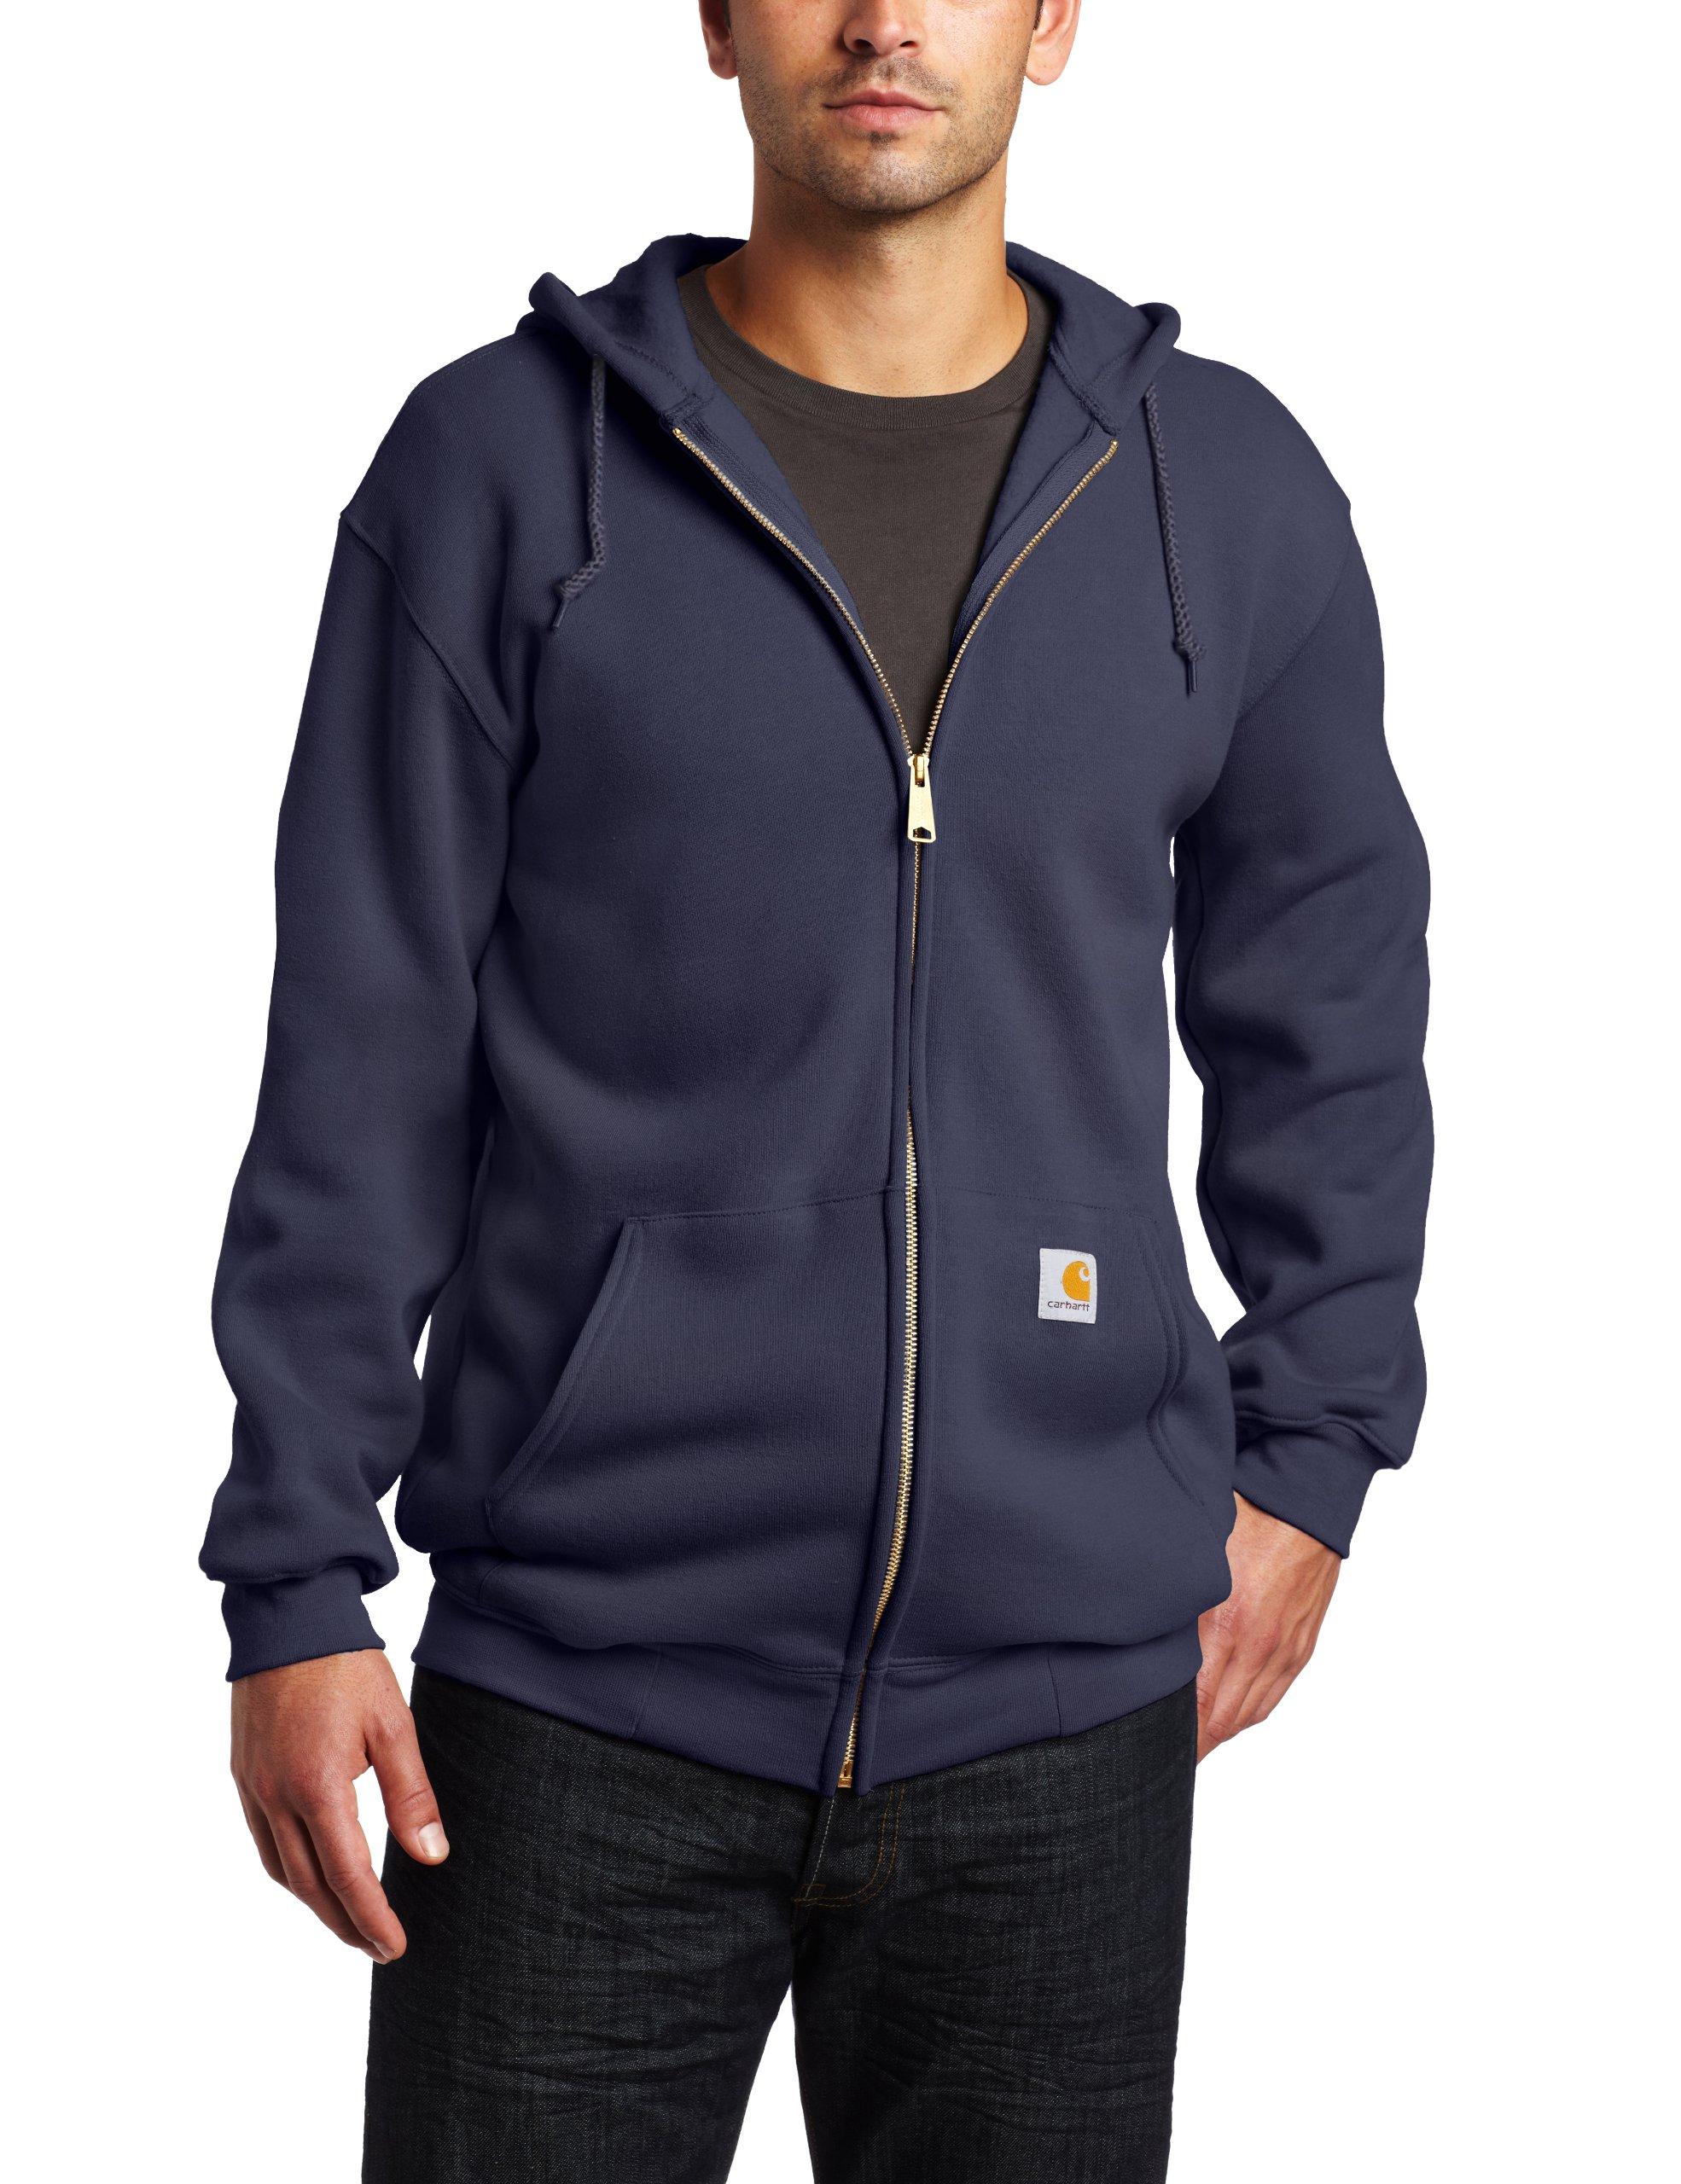 Carhartt Men's Midweight Hooded Zip-front Sweatshirt,Navy  (Closeout),Medium by Carhartt